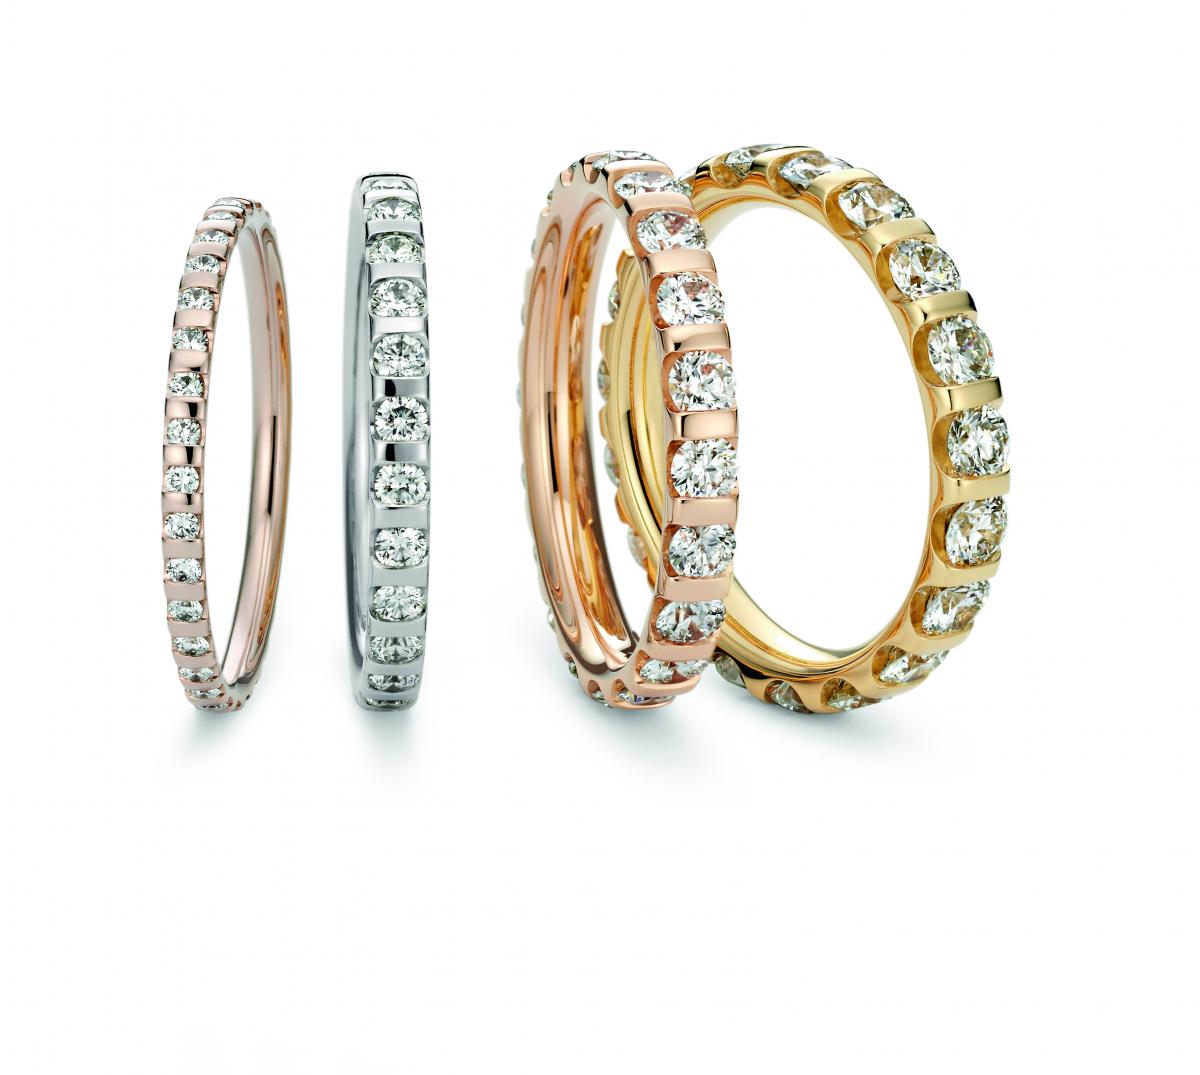 ハーフエタニティの場合 Diamond0.01ct~ K18 ¥162,500~、Pt950¥180,500~ ダイヤモンドのサイズは0.01ct、0.03ct、0.07ct、0.1ctの4種類。素材はプラチナまたはニーシングのオリジナルカラーゴールド5種類からセレクト可能